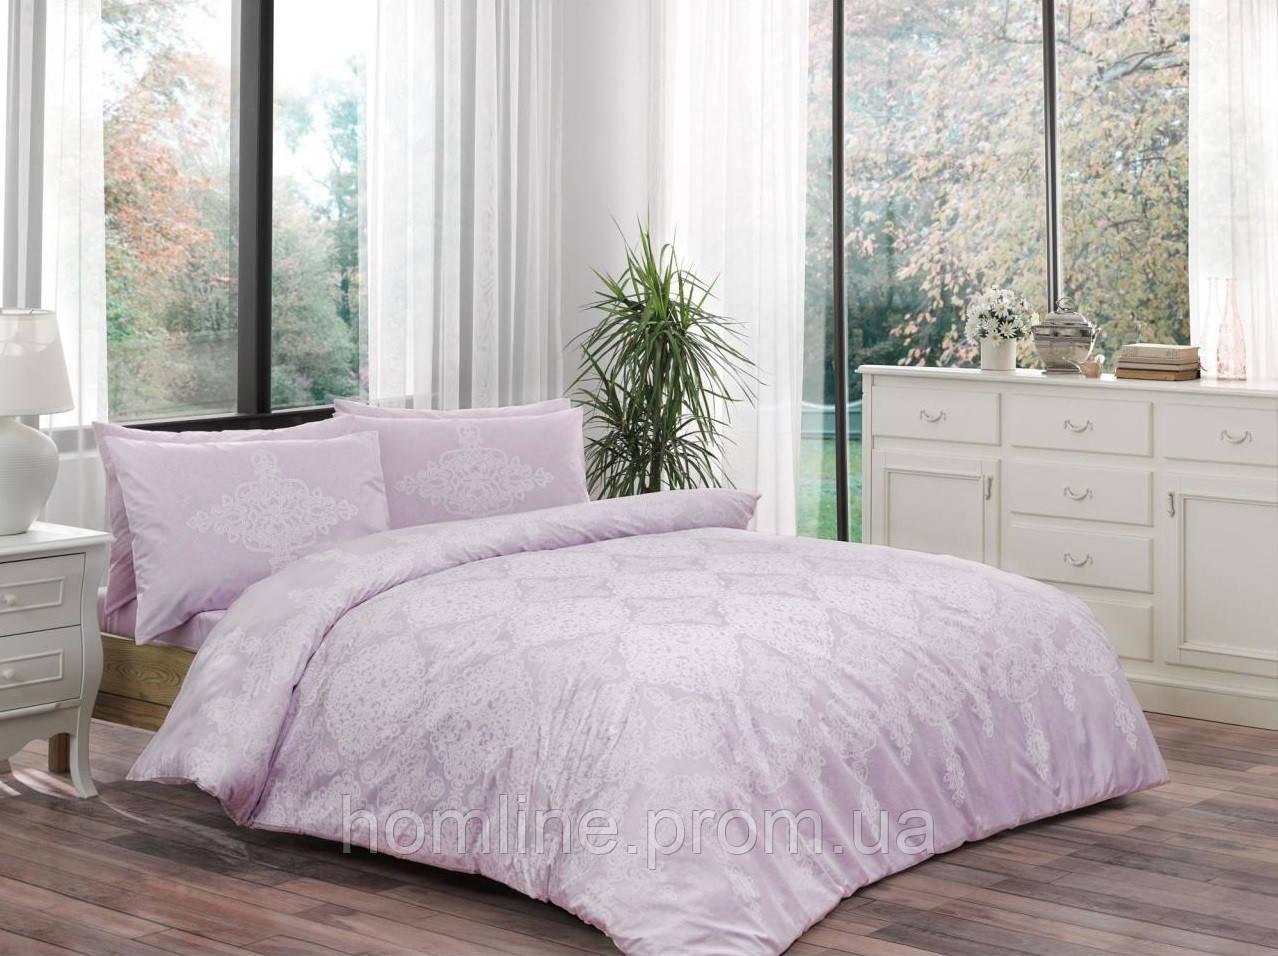 Постельное белье Tac ранфорс Blanche лиловое двухспального евро размера